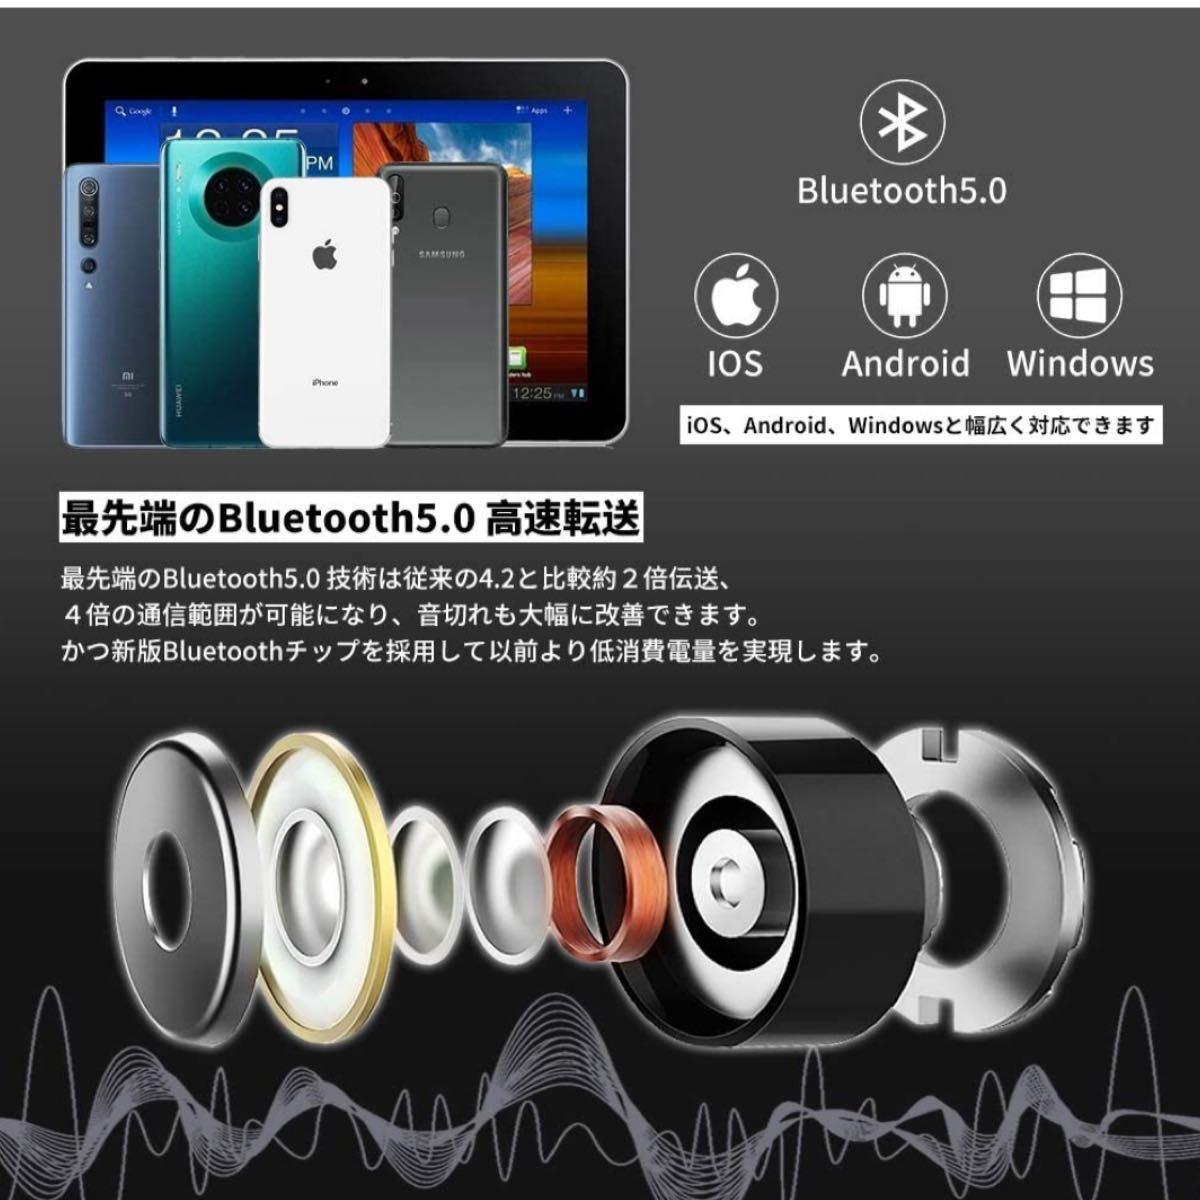 Bluetooth イヤホン ワイヤレスイヤホン Bluetooth 5.0